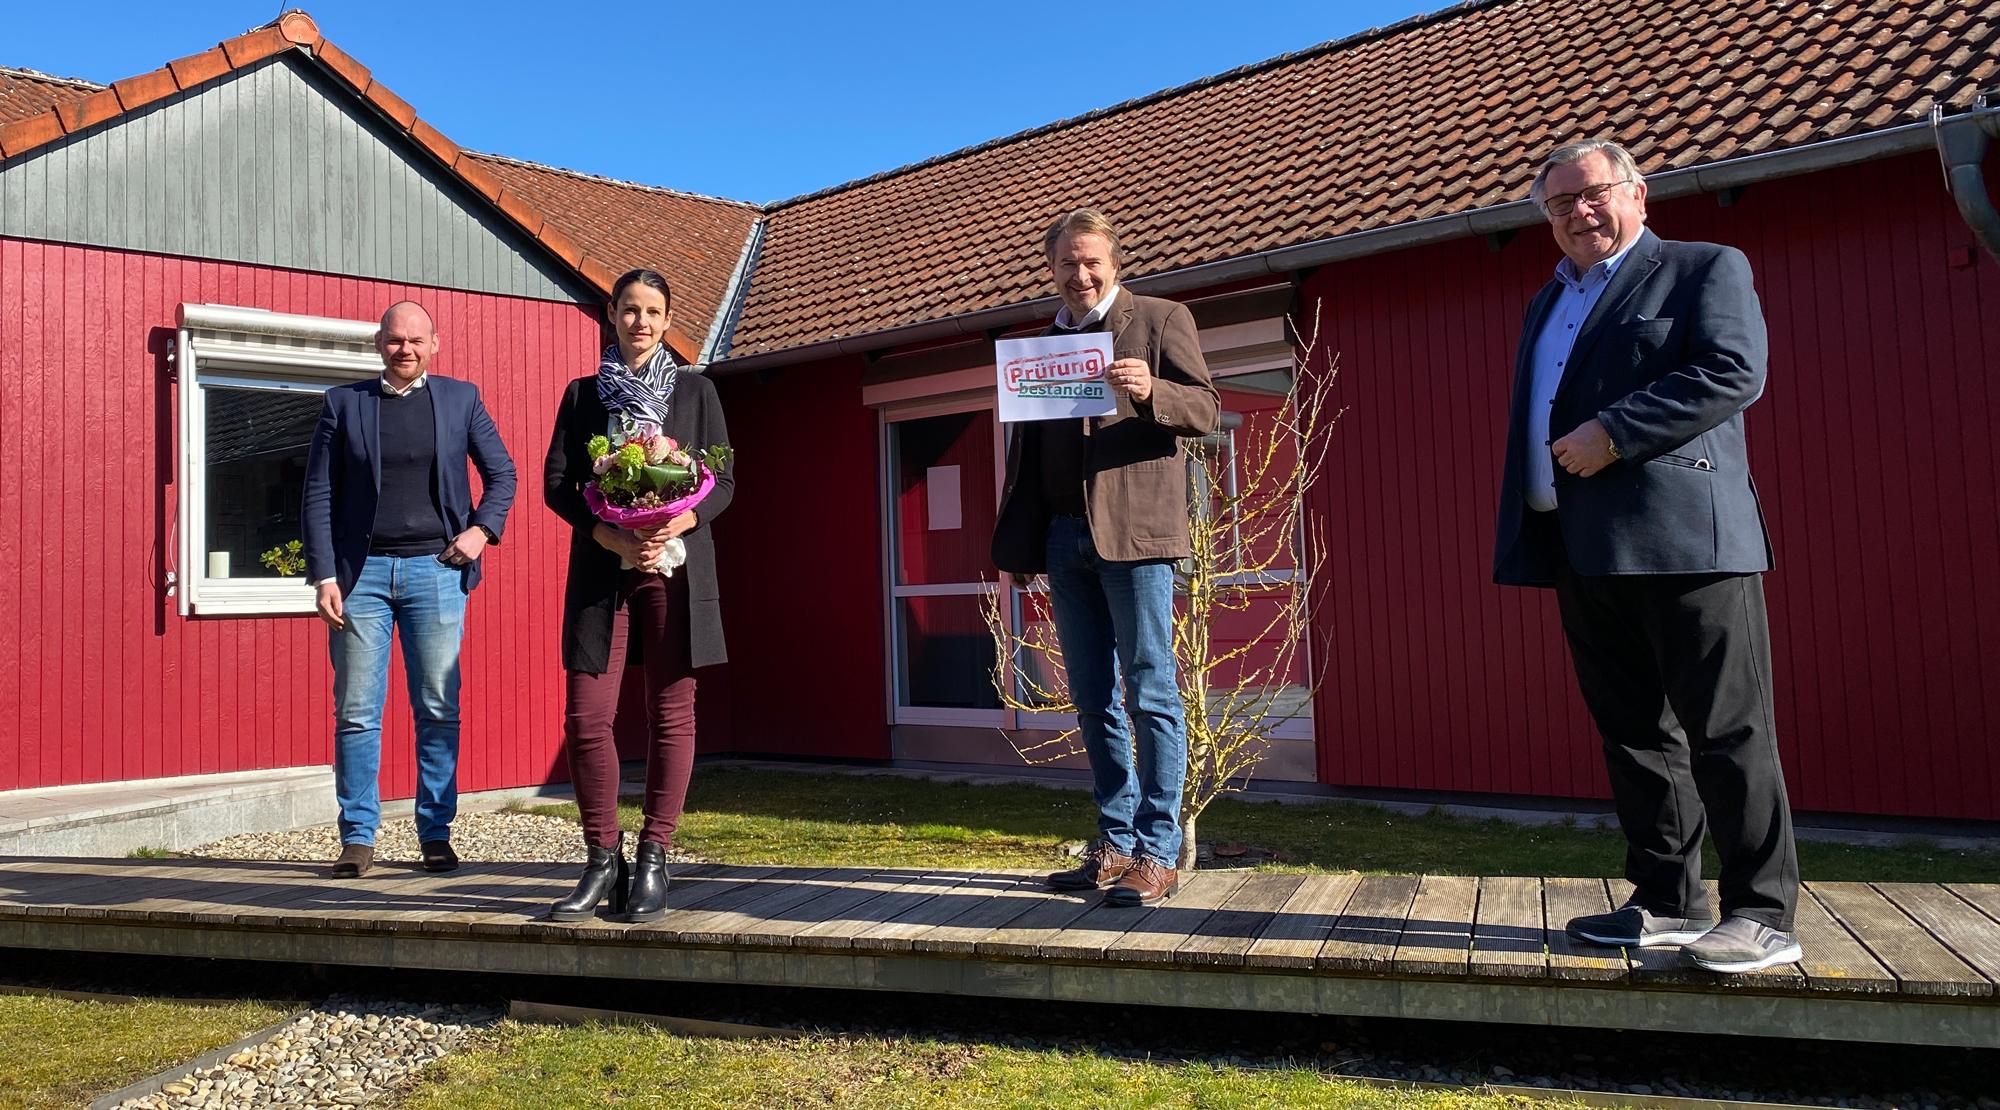 Lebenshilfe-Chef Gerhard John (rechts), Geschäftsführer Dennis Kummarnitzky (links) und ganz besonders Jochen Potzel (2. v. rechts), Ausbilder und Chef des Rechnungsweses, sind stolz auf die überdurchschnittlichen Prüfungsergebnisse von Ramona von der Leh